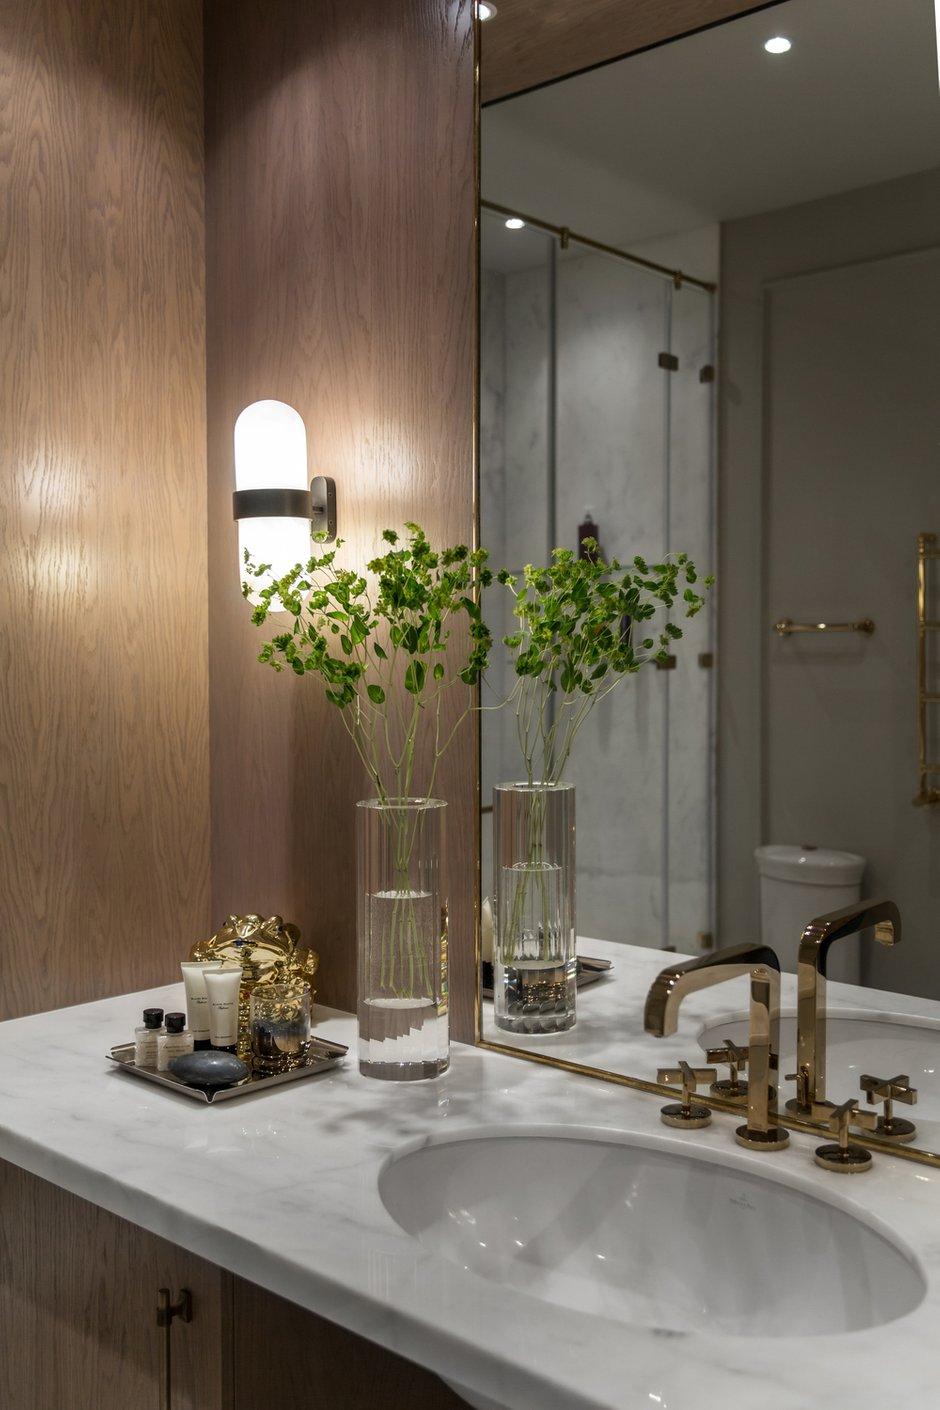 Фотография: Ванная в стиле Классический, Квартира, Проект недели, Москва, Марина Филиппова, 2 комнаты, 60-90 метров, #эксклюзивныепроекты – фото на INMYROOM